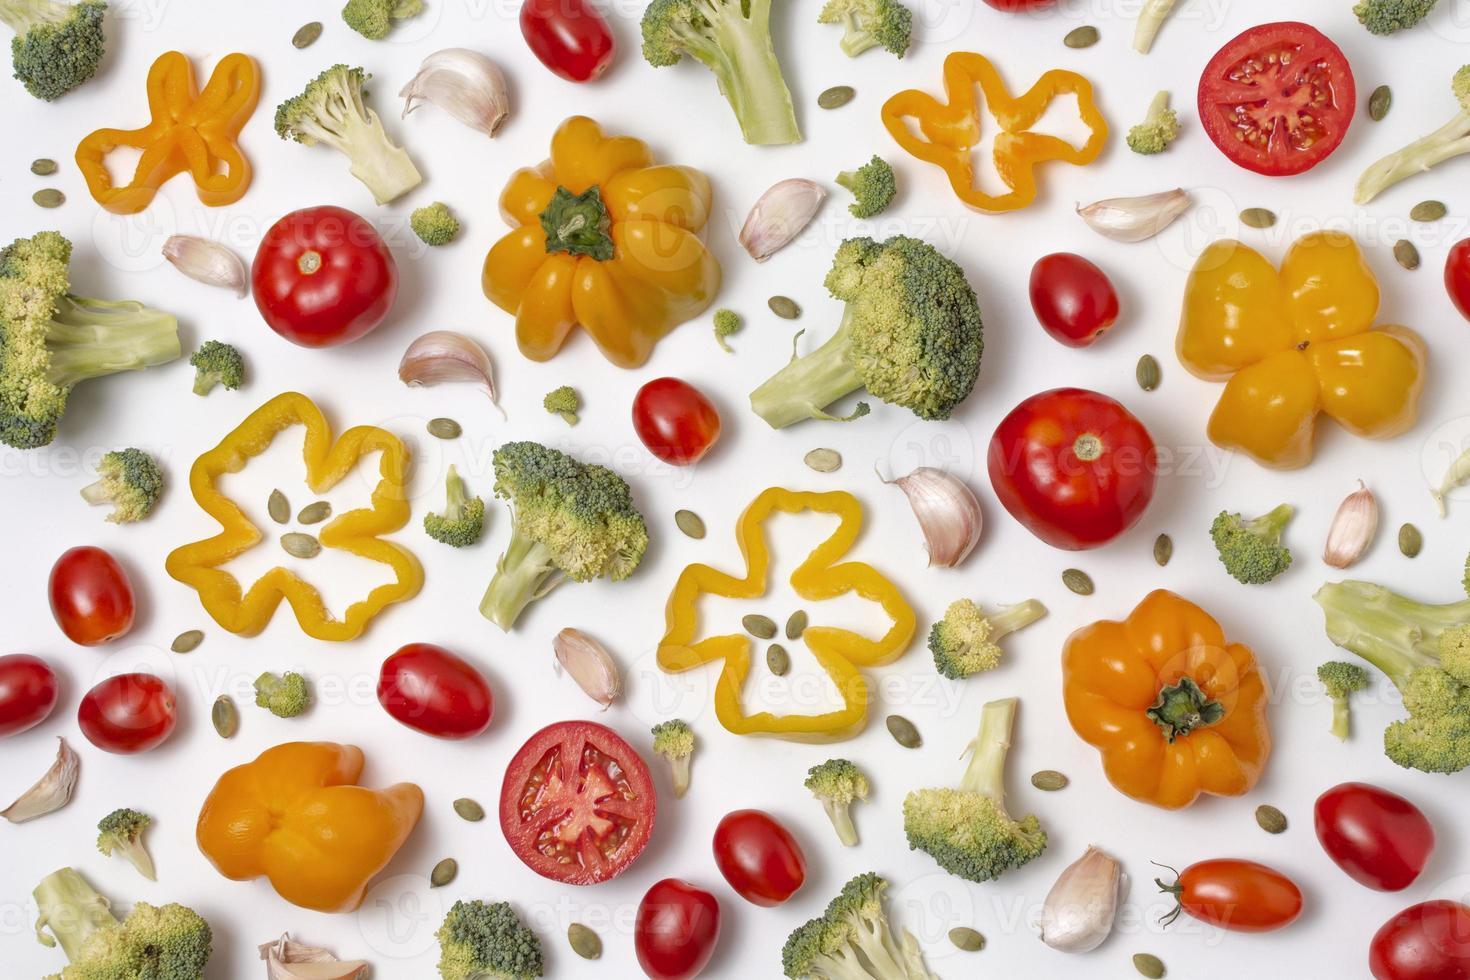 deliciosa composição de vegetais maduros foto